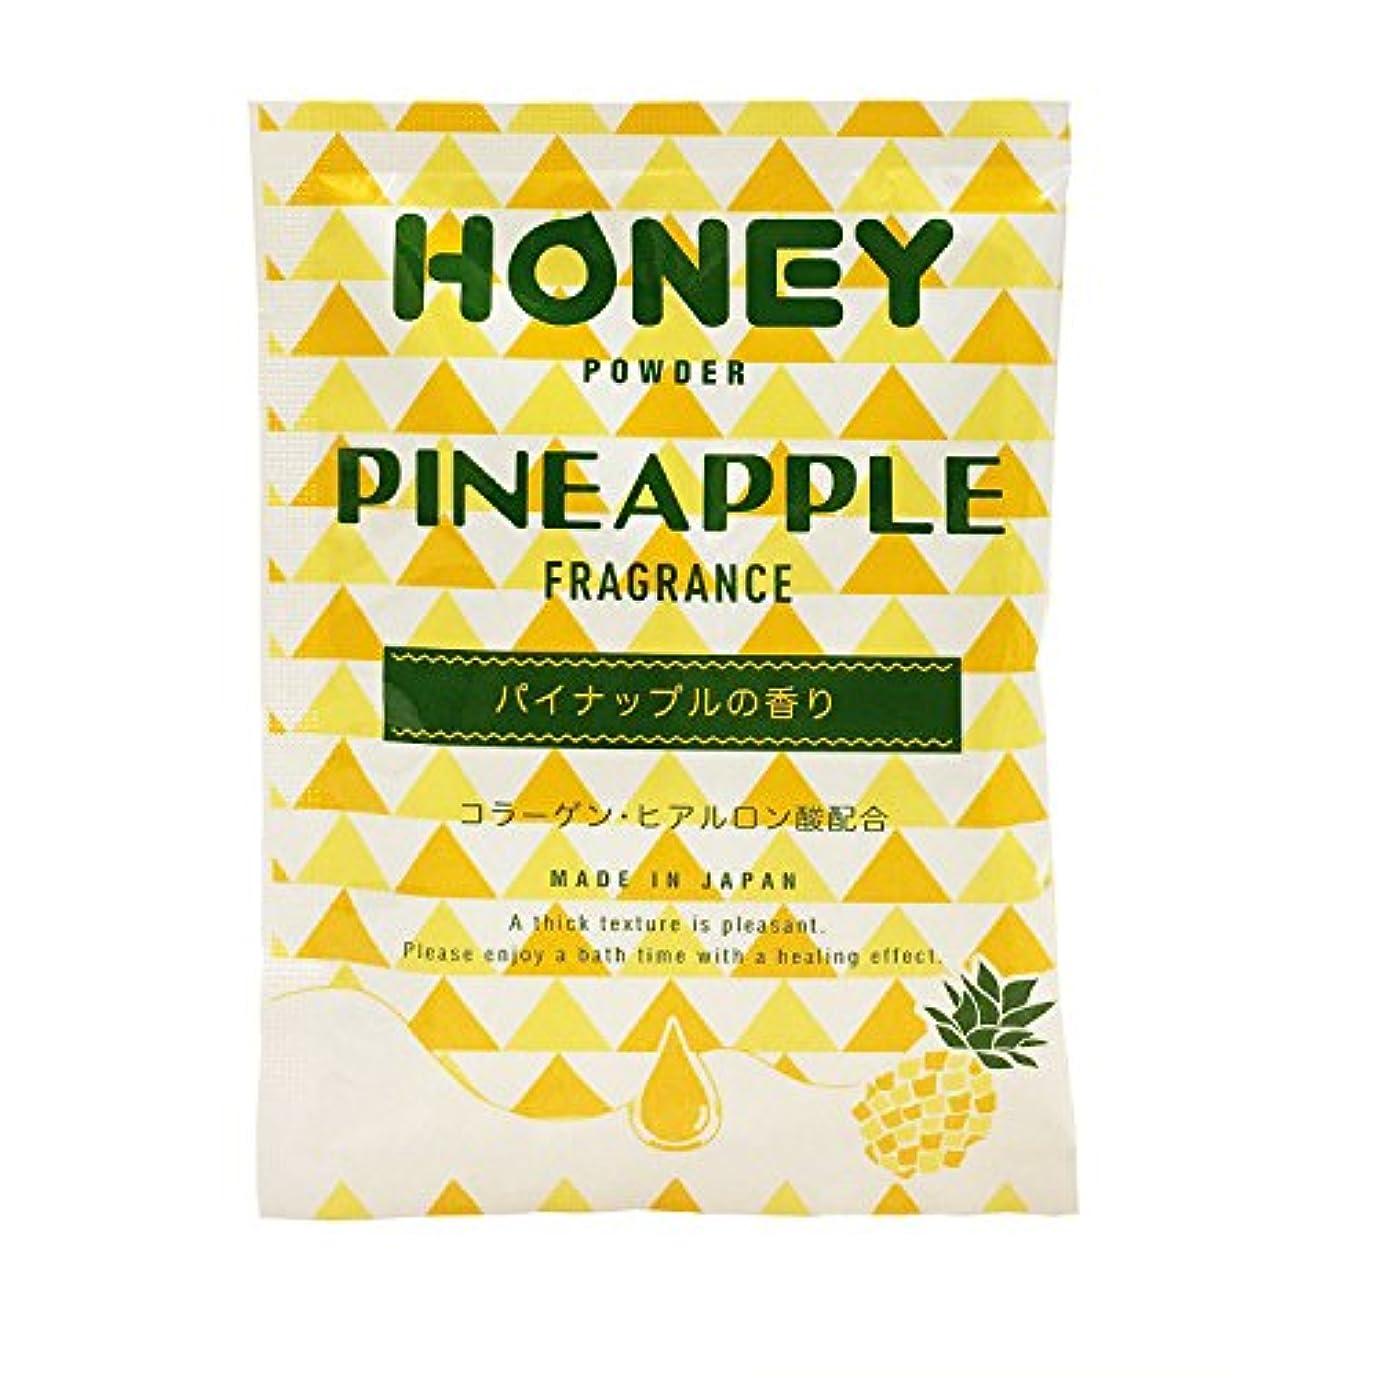 先住民時オフェンスとろとろ入浴剤【honey powder】(ハニーパウダー) パイナップルの香り 粉末タイプ ローション